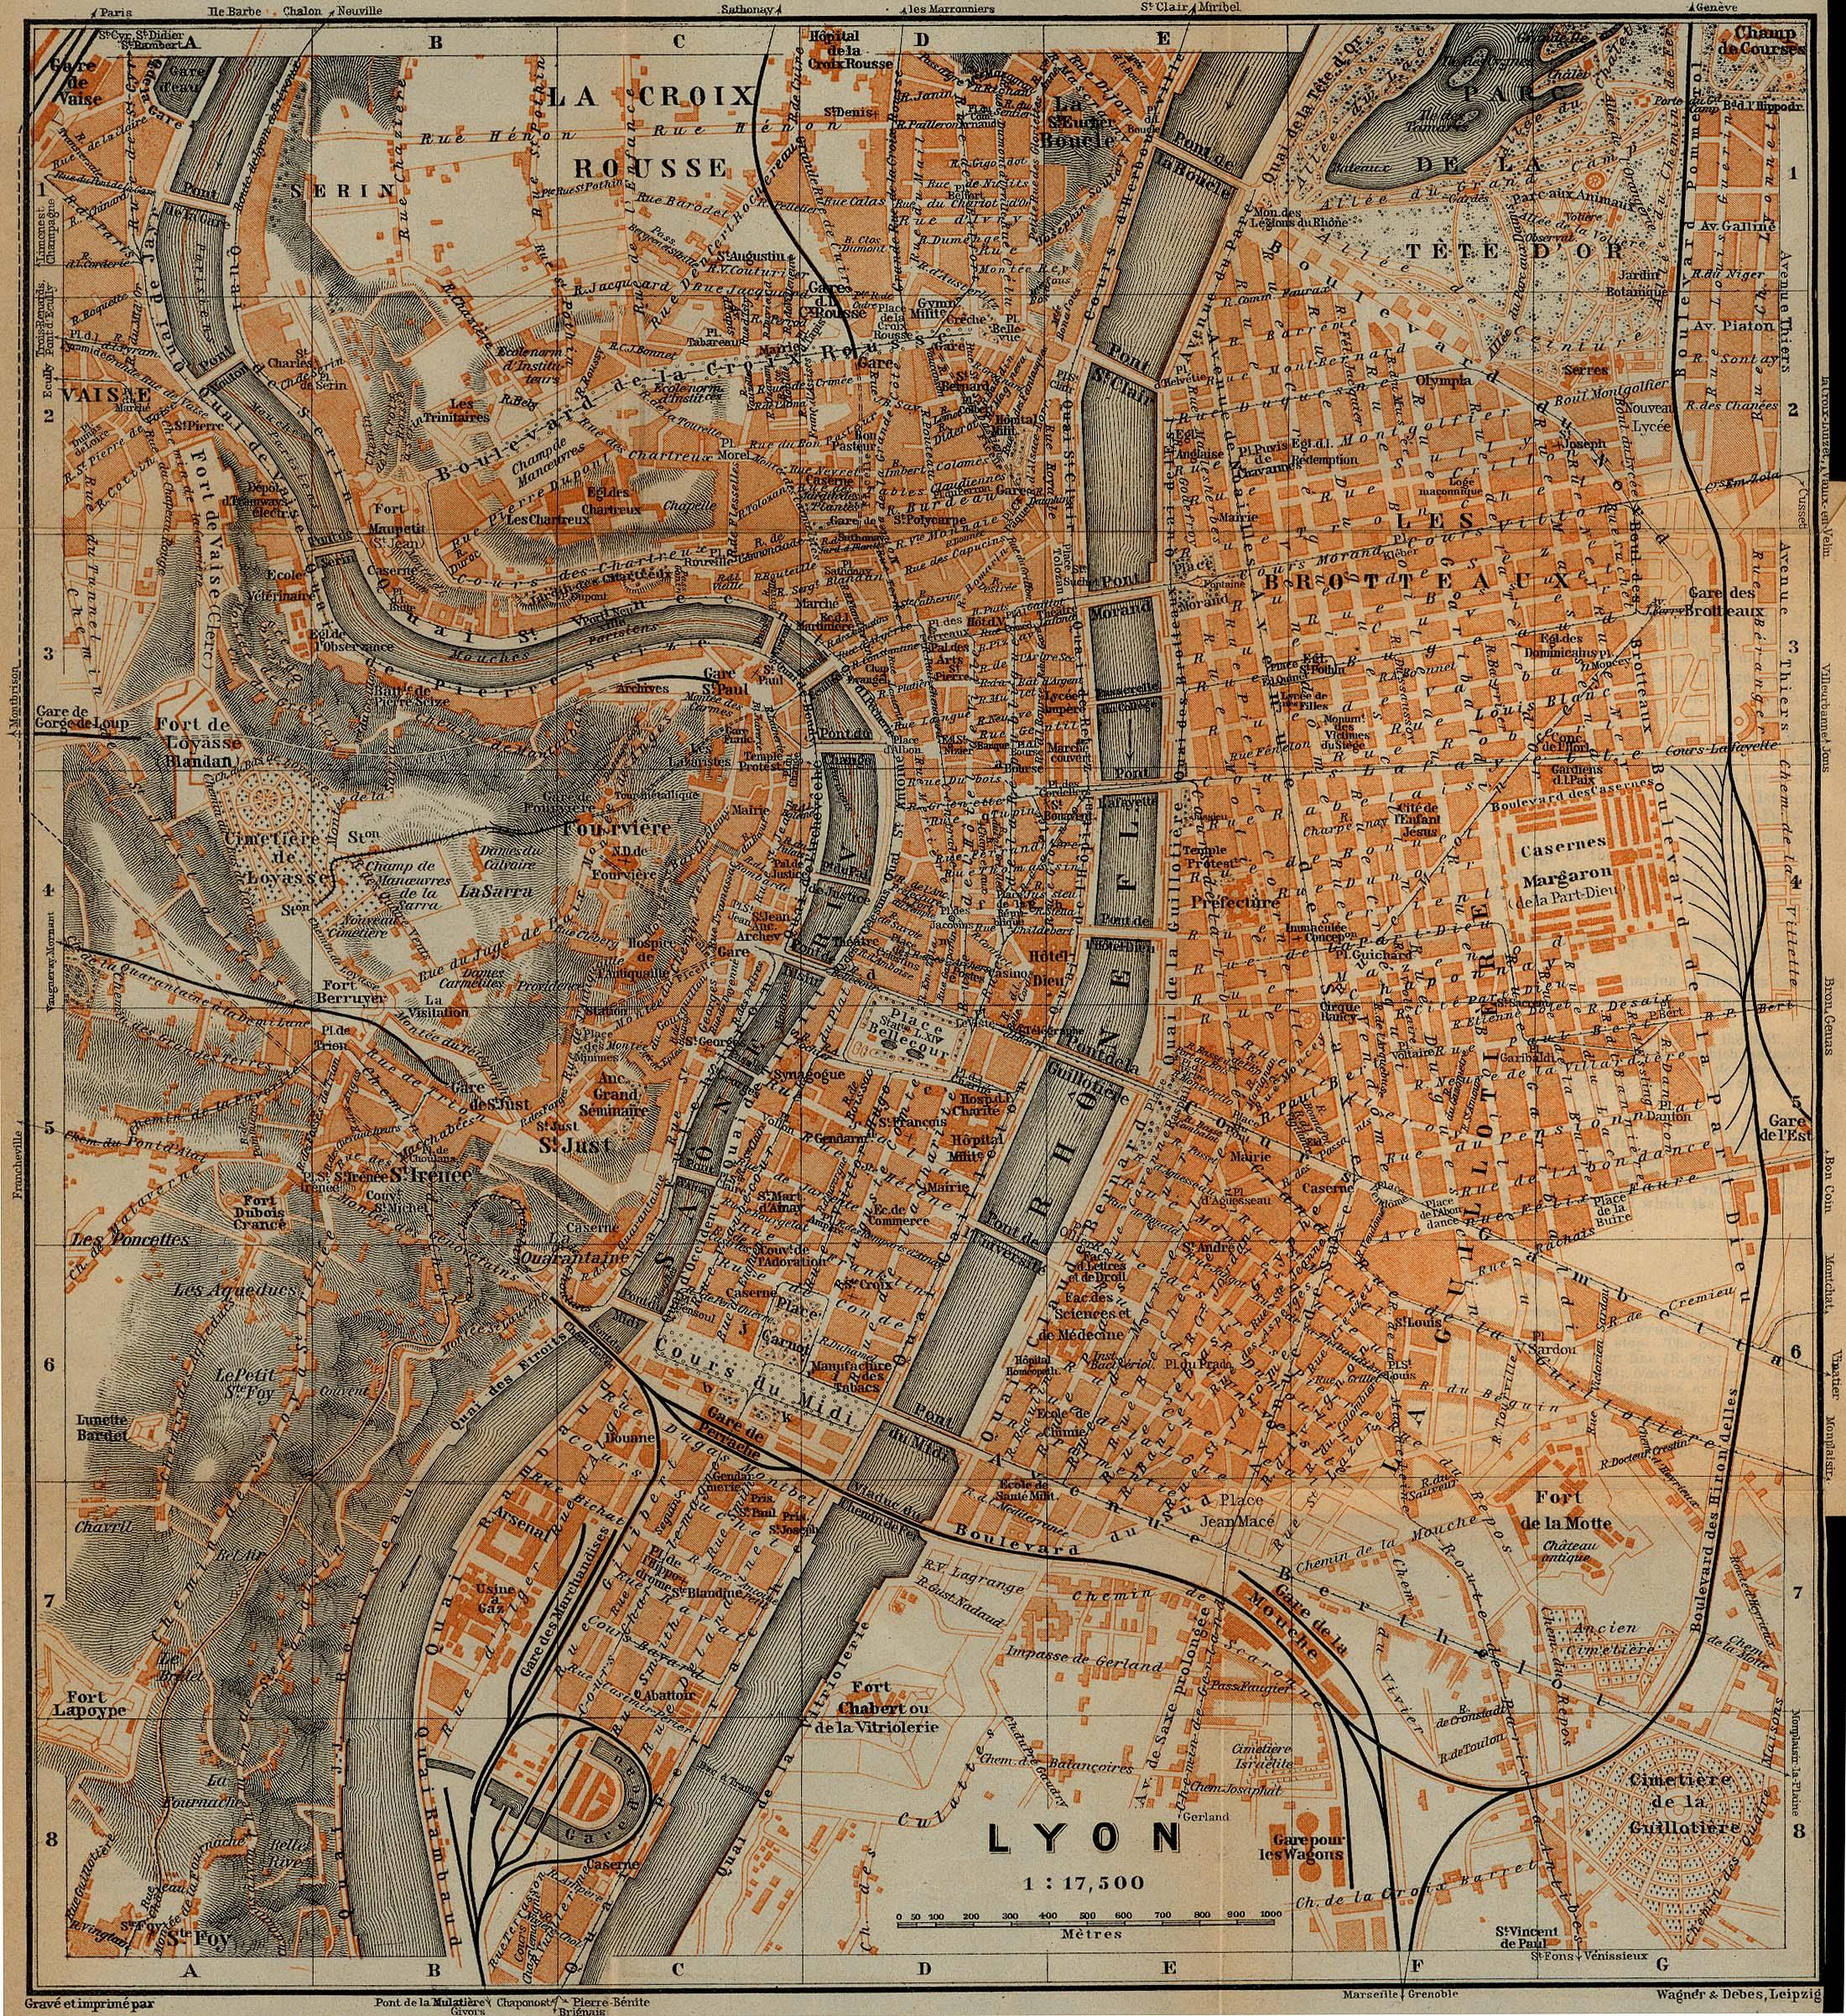 Mapa de la Ciudad de Lyon, Francia 1914